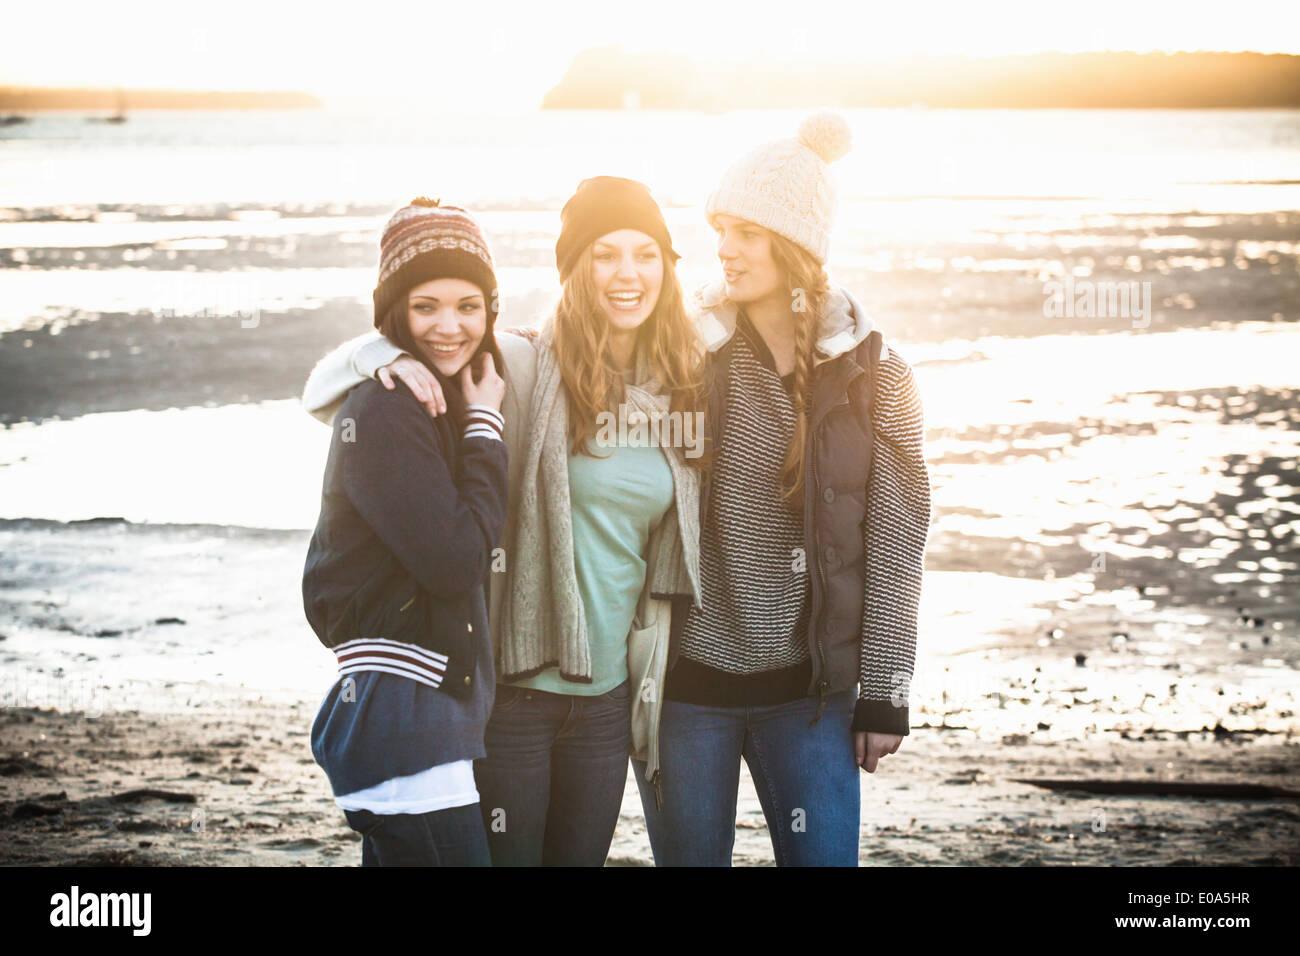 Ritratto di tre giovani donne adulte sulla spiaggia Immagini Stock